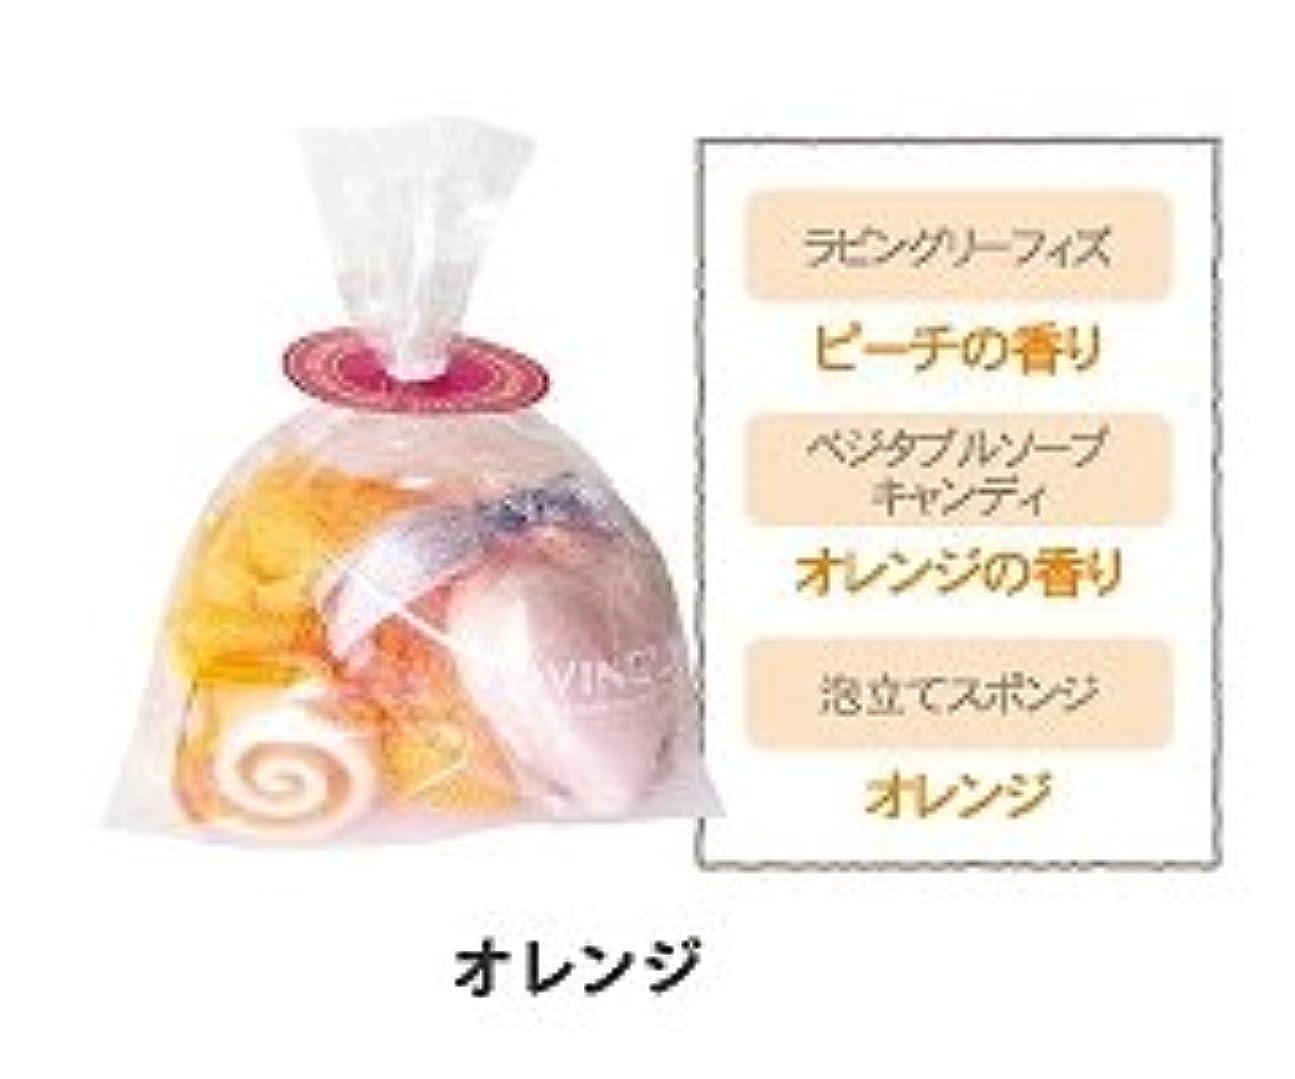 カラフルキャンディ バスバッグ オレンジ 12個セット